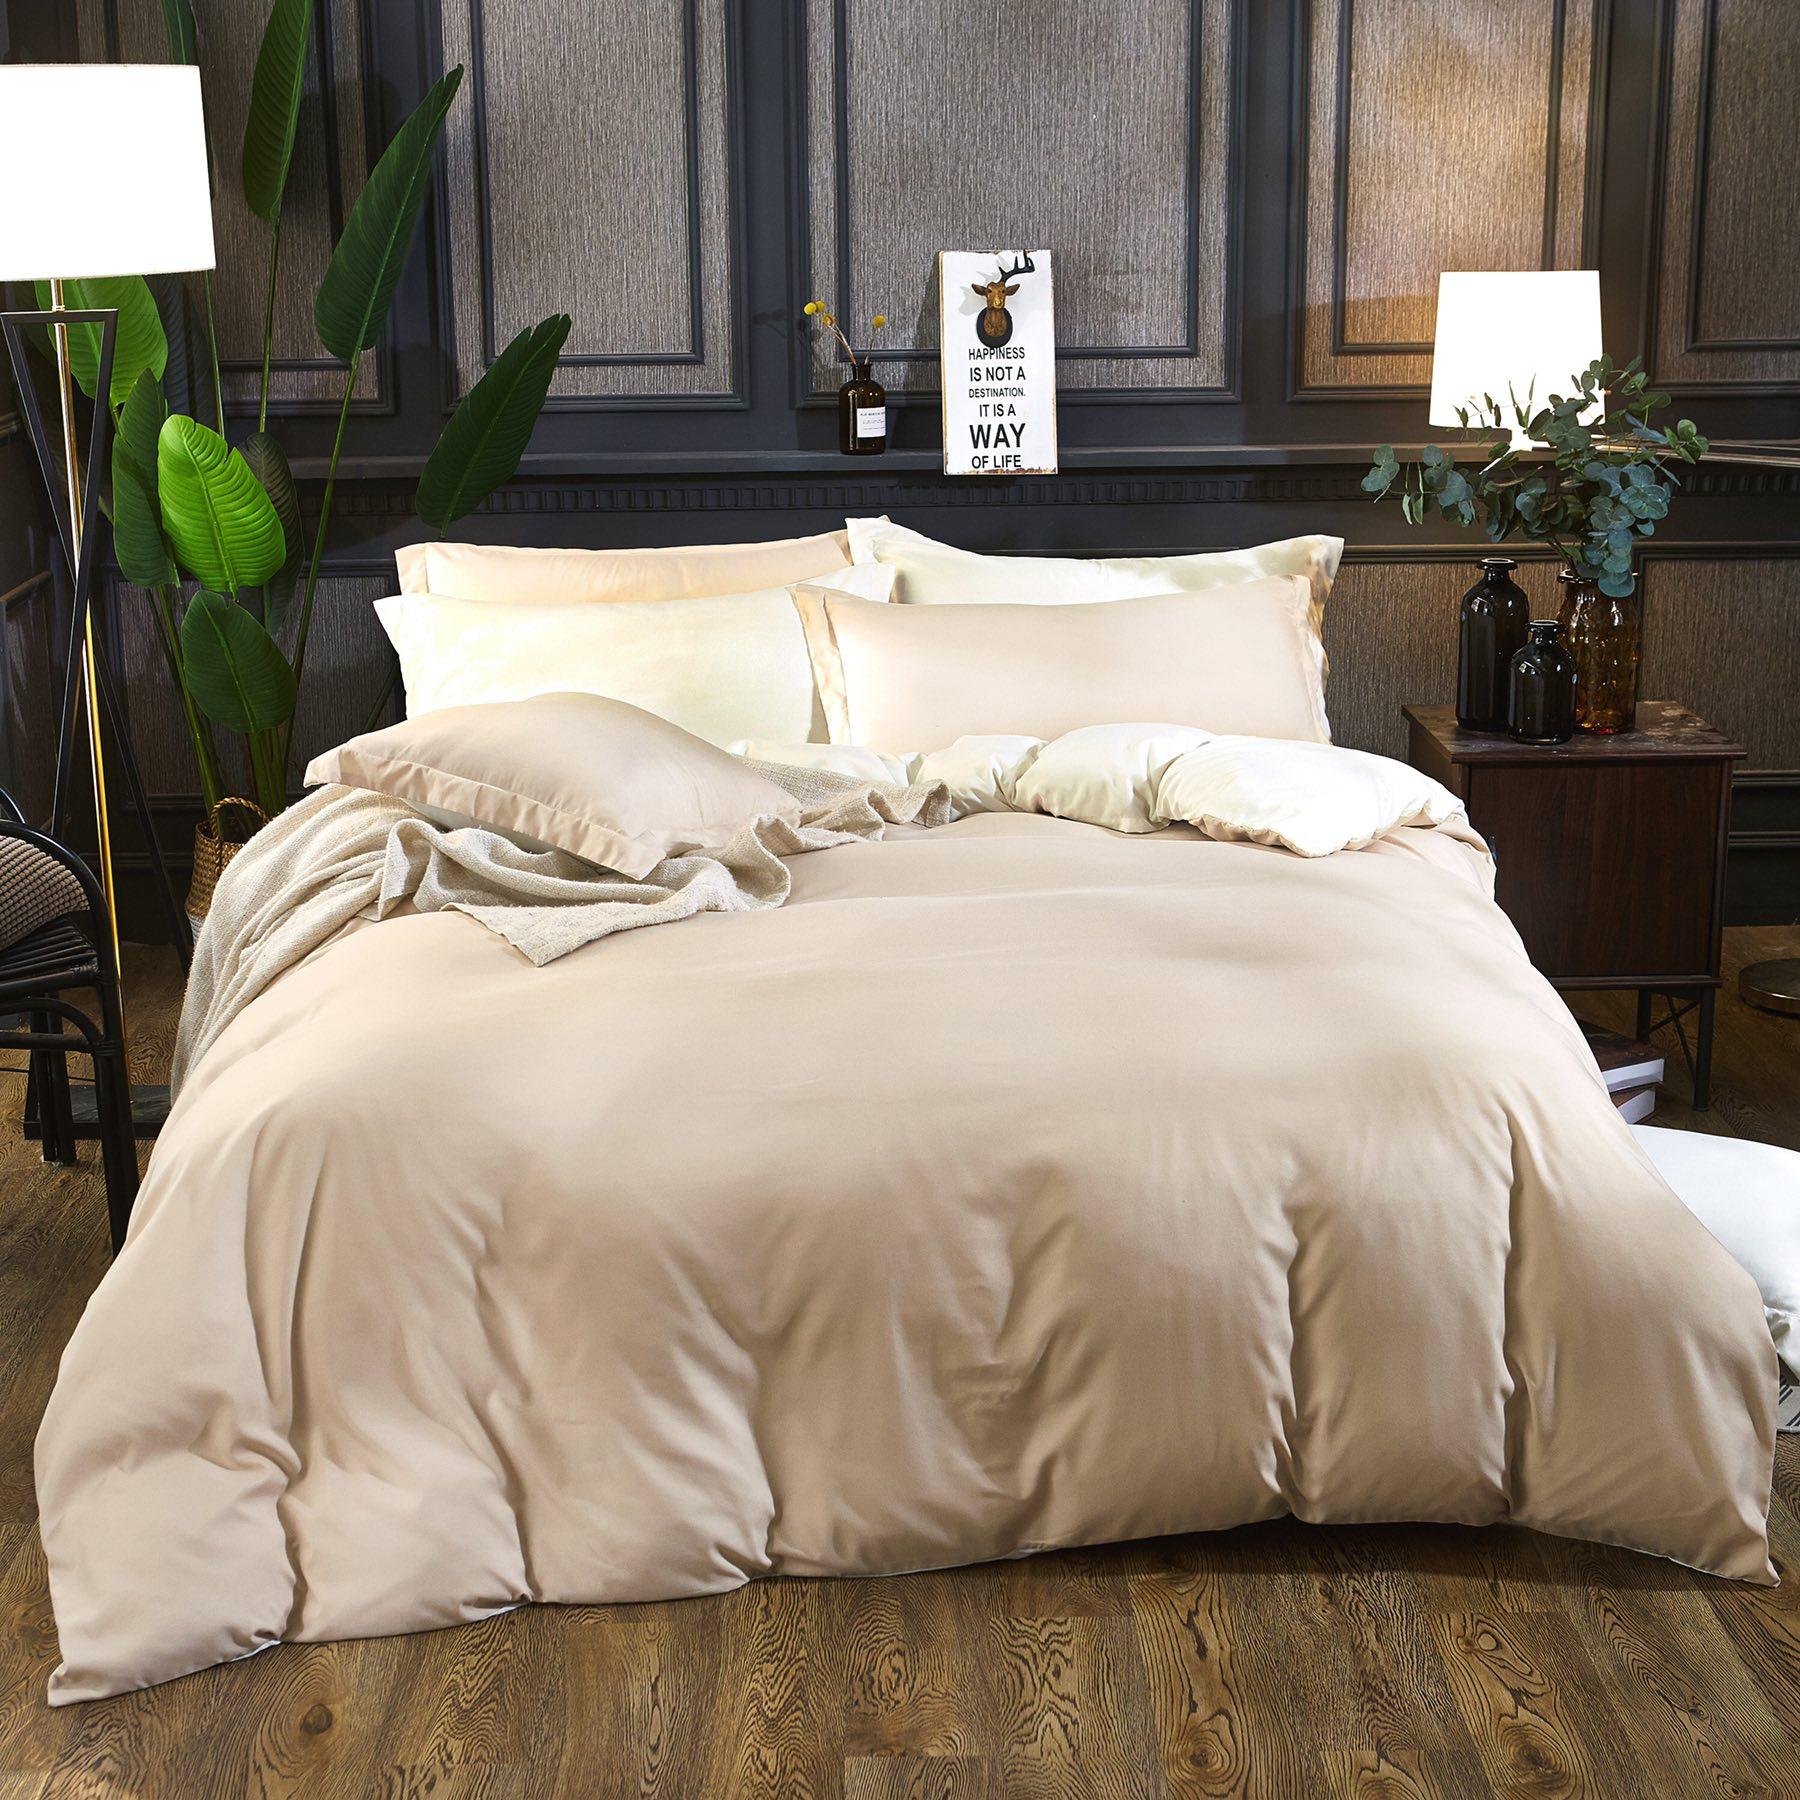 7 dílné  povlečení na 2 postele oboustranné DUO béžovo - smetanové  + prostěradlo ZDARMA